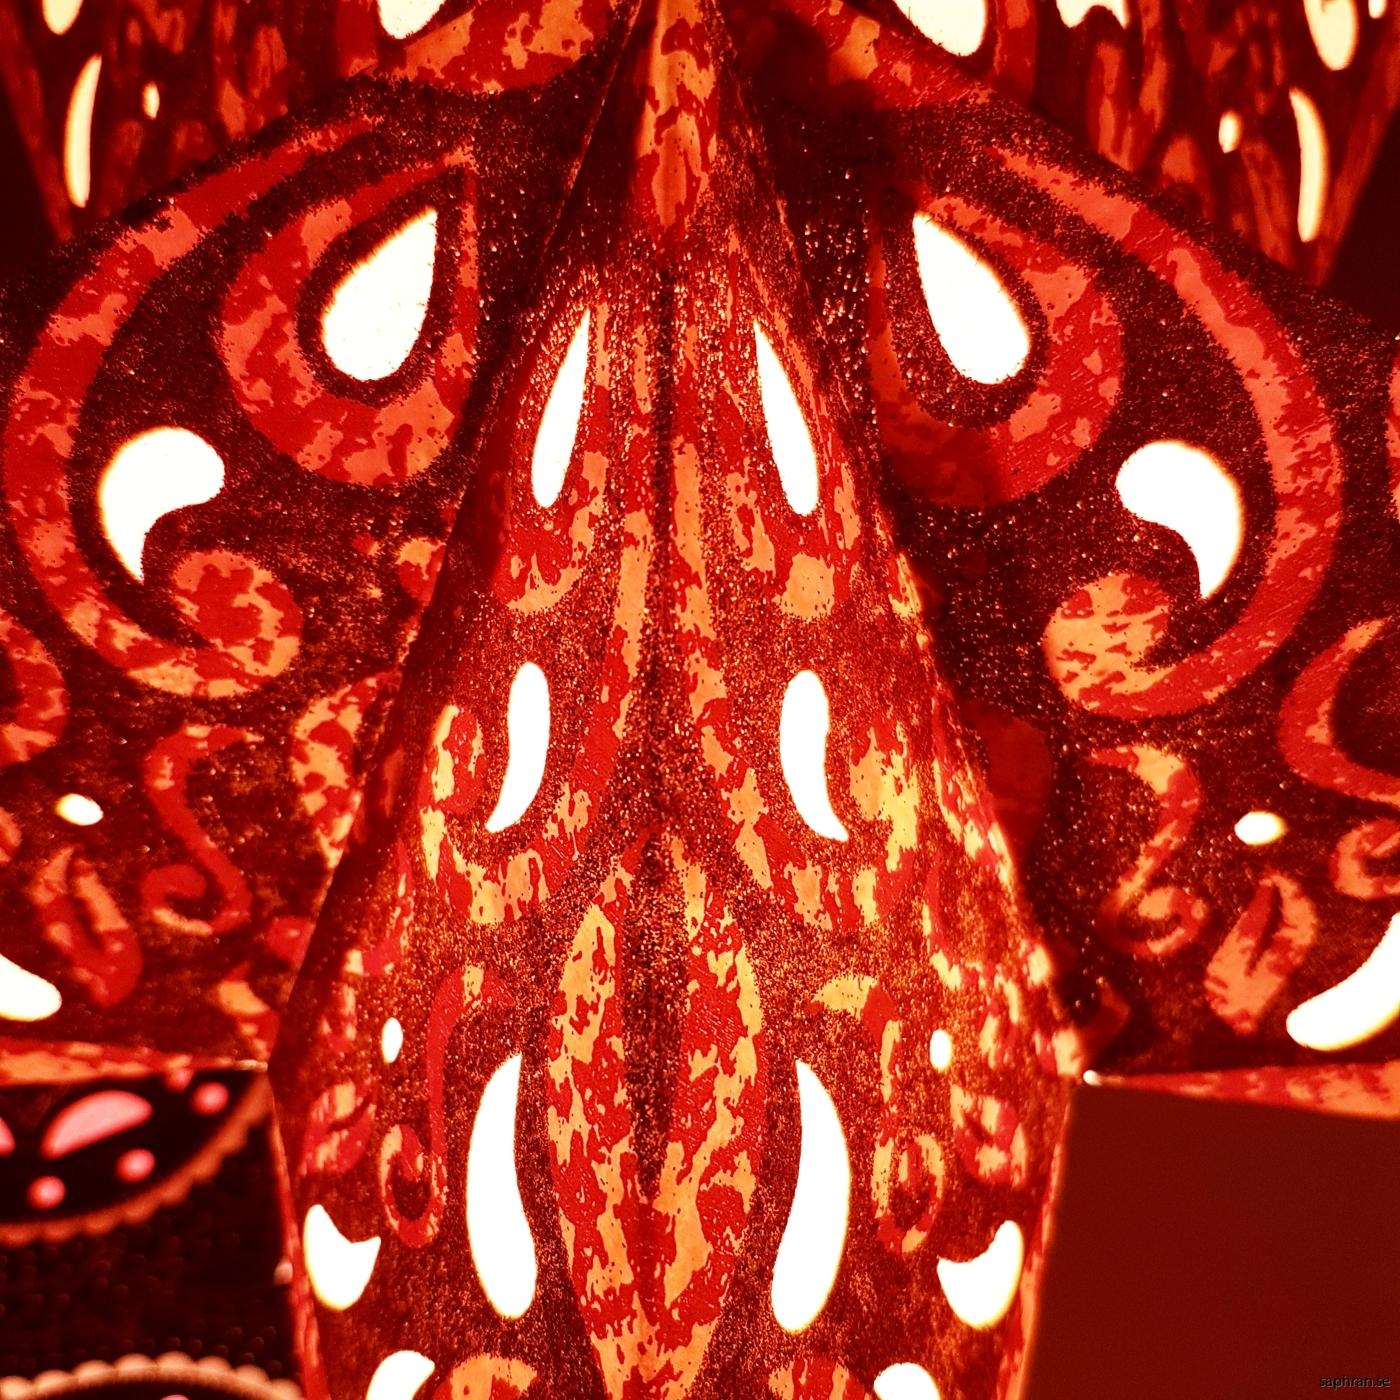 Guldglittrig adventsstjärna med mönster i rött och oranget